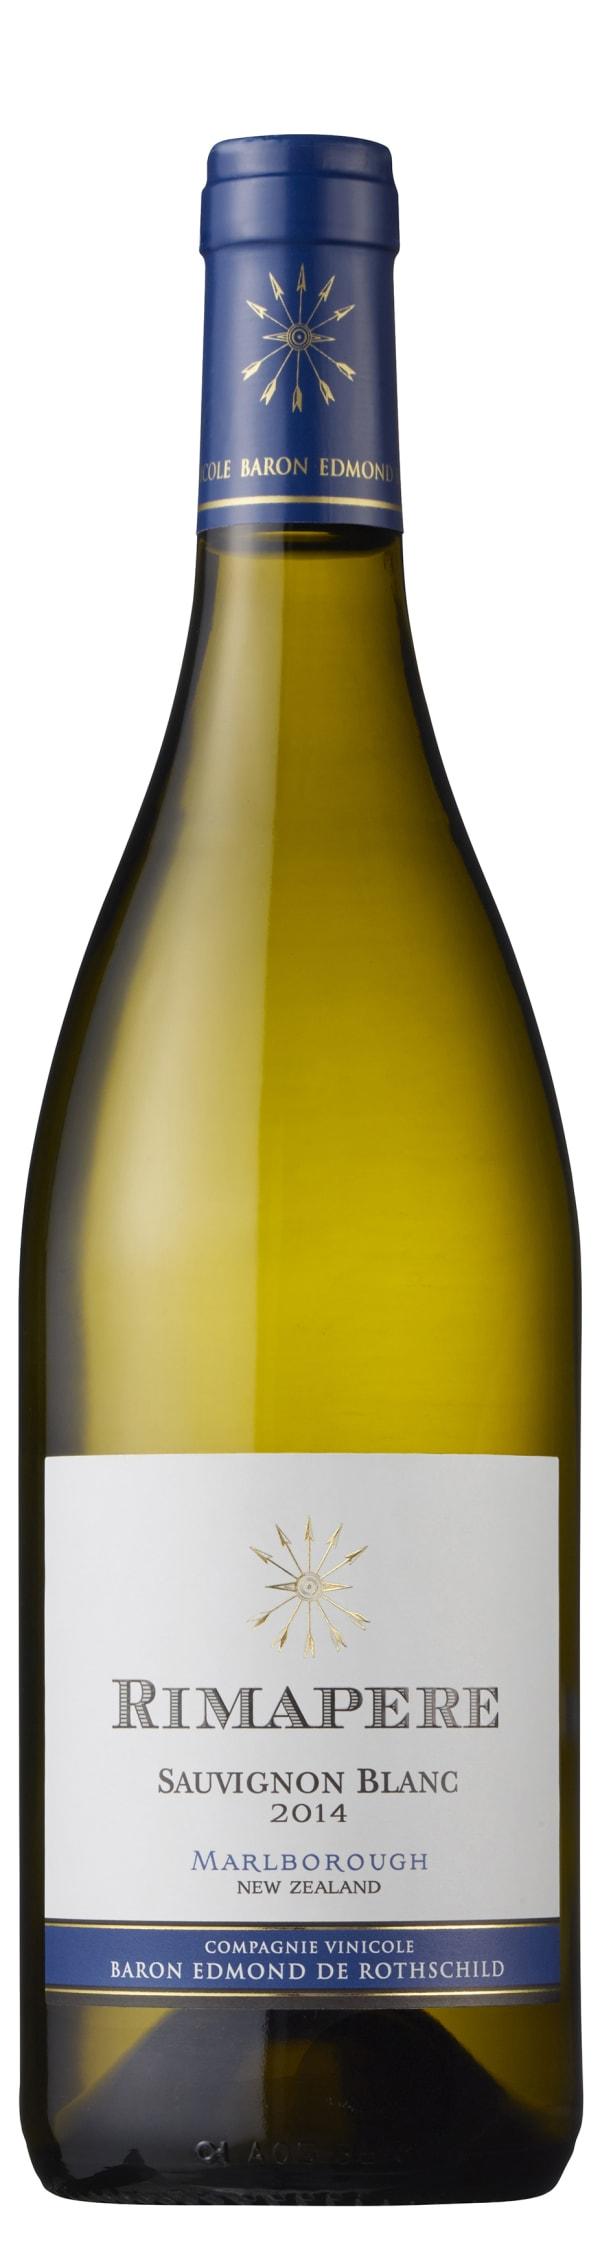 Rimapere Sauvignon Blanc 2014